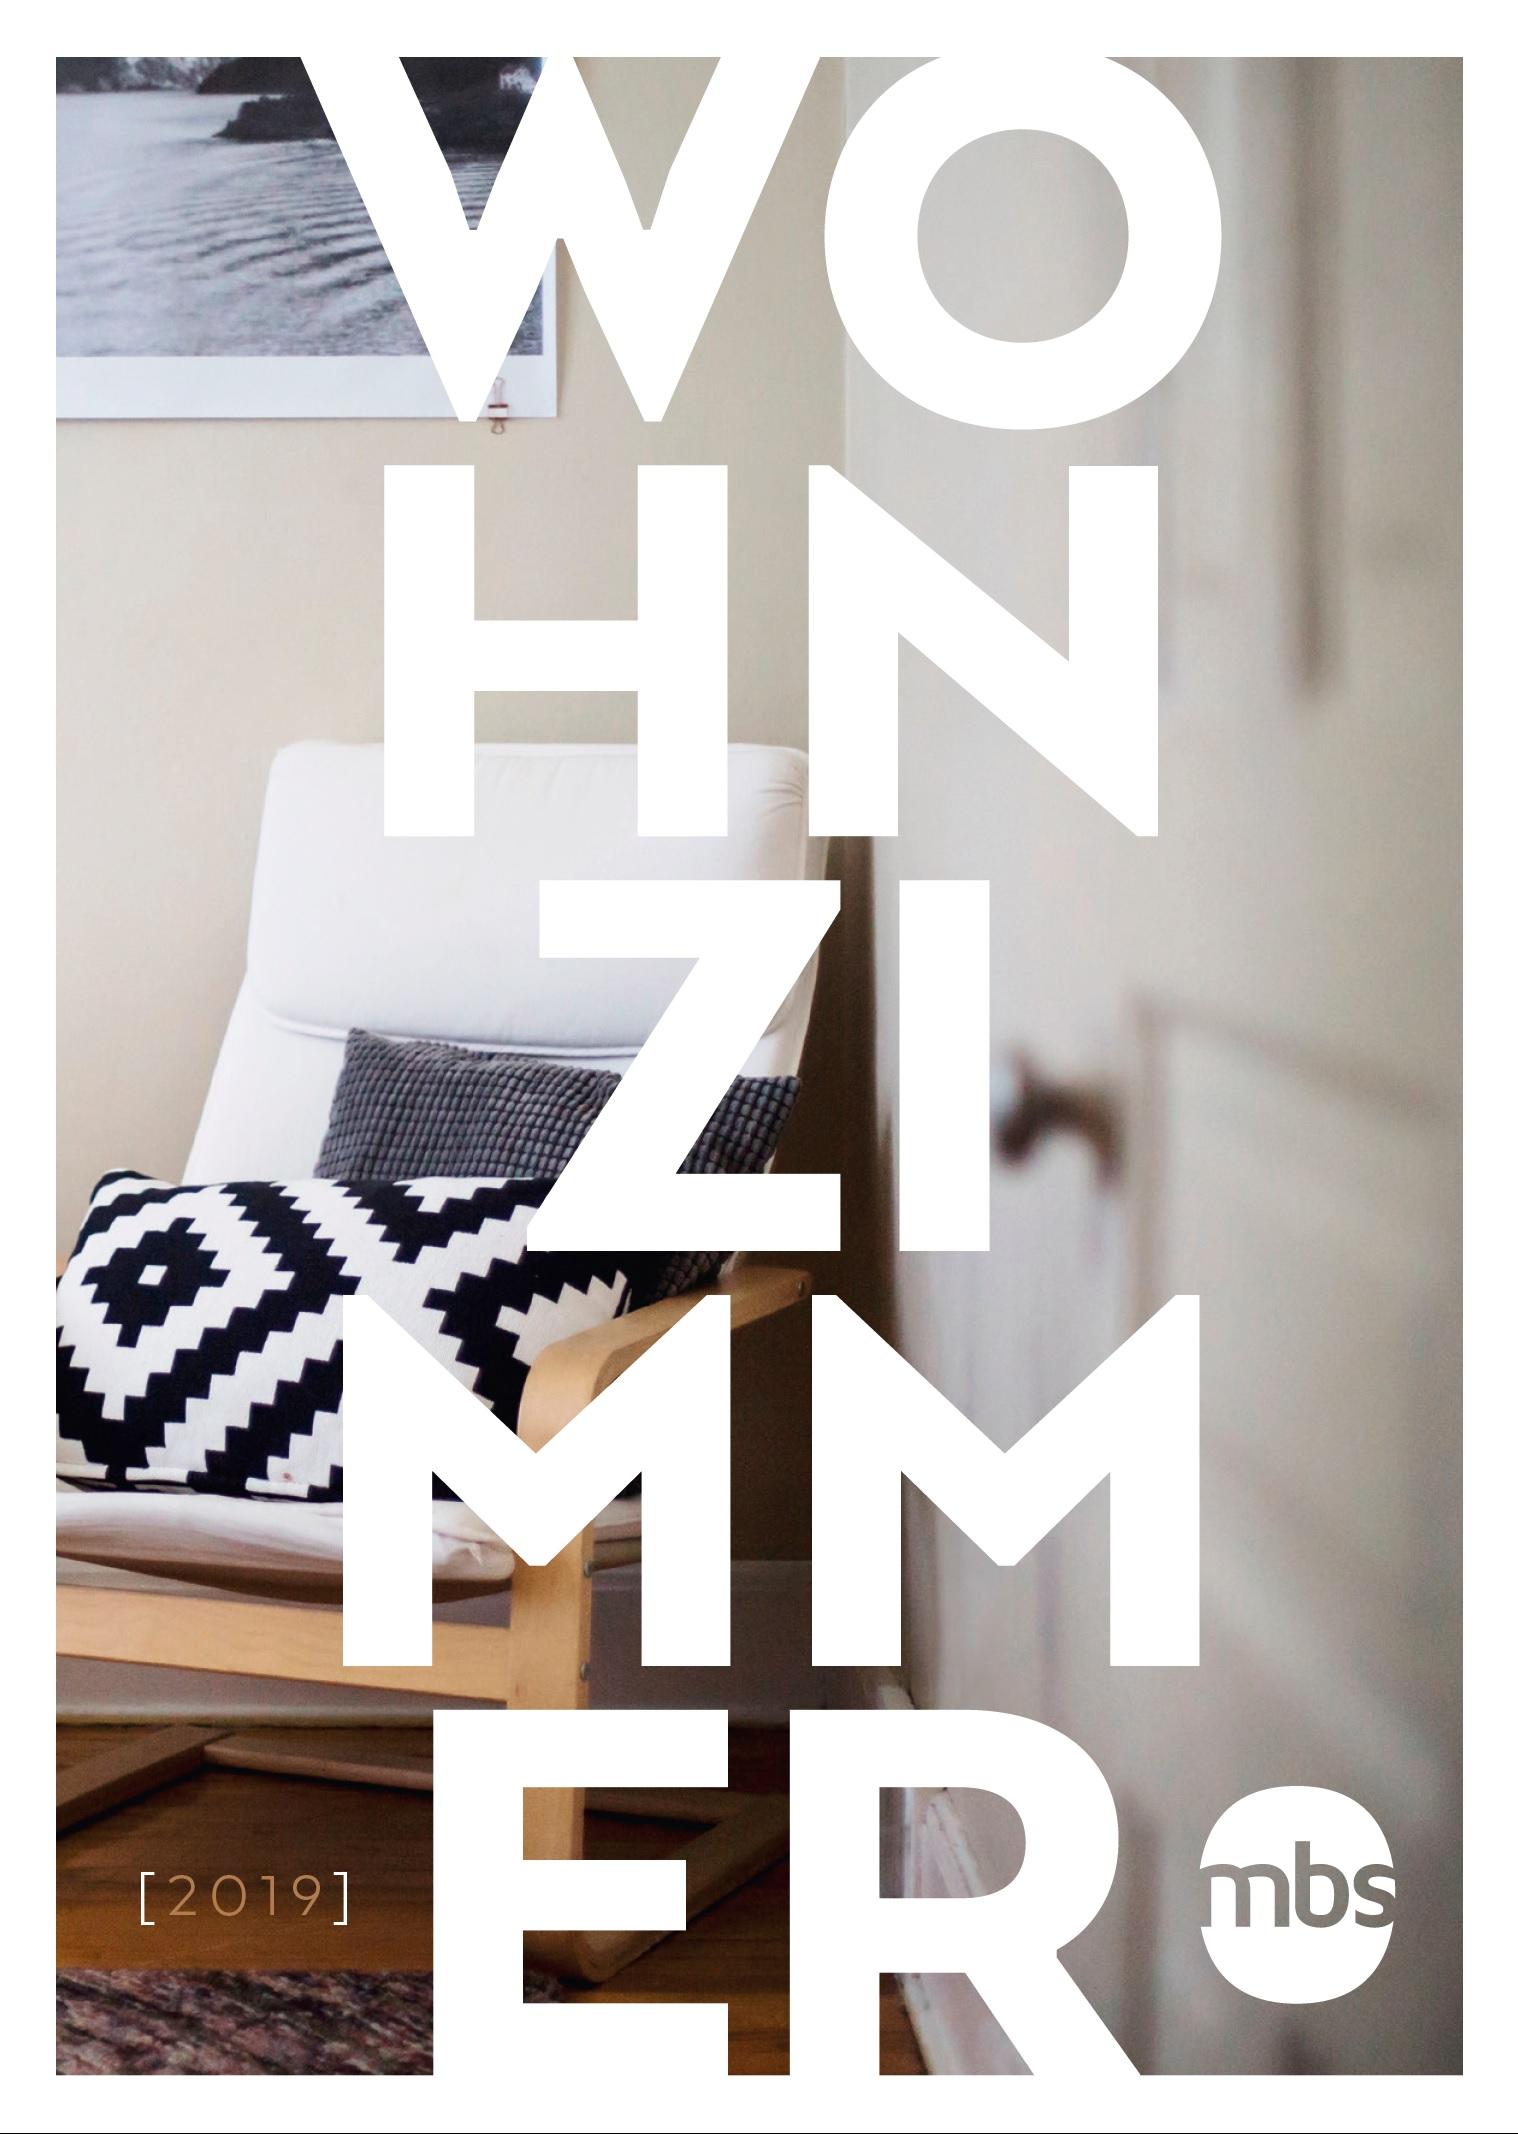 mbs Wohnzimmer - MBS bibelseminar